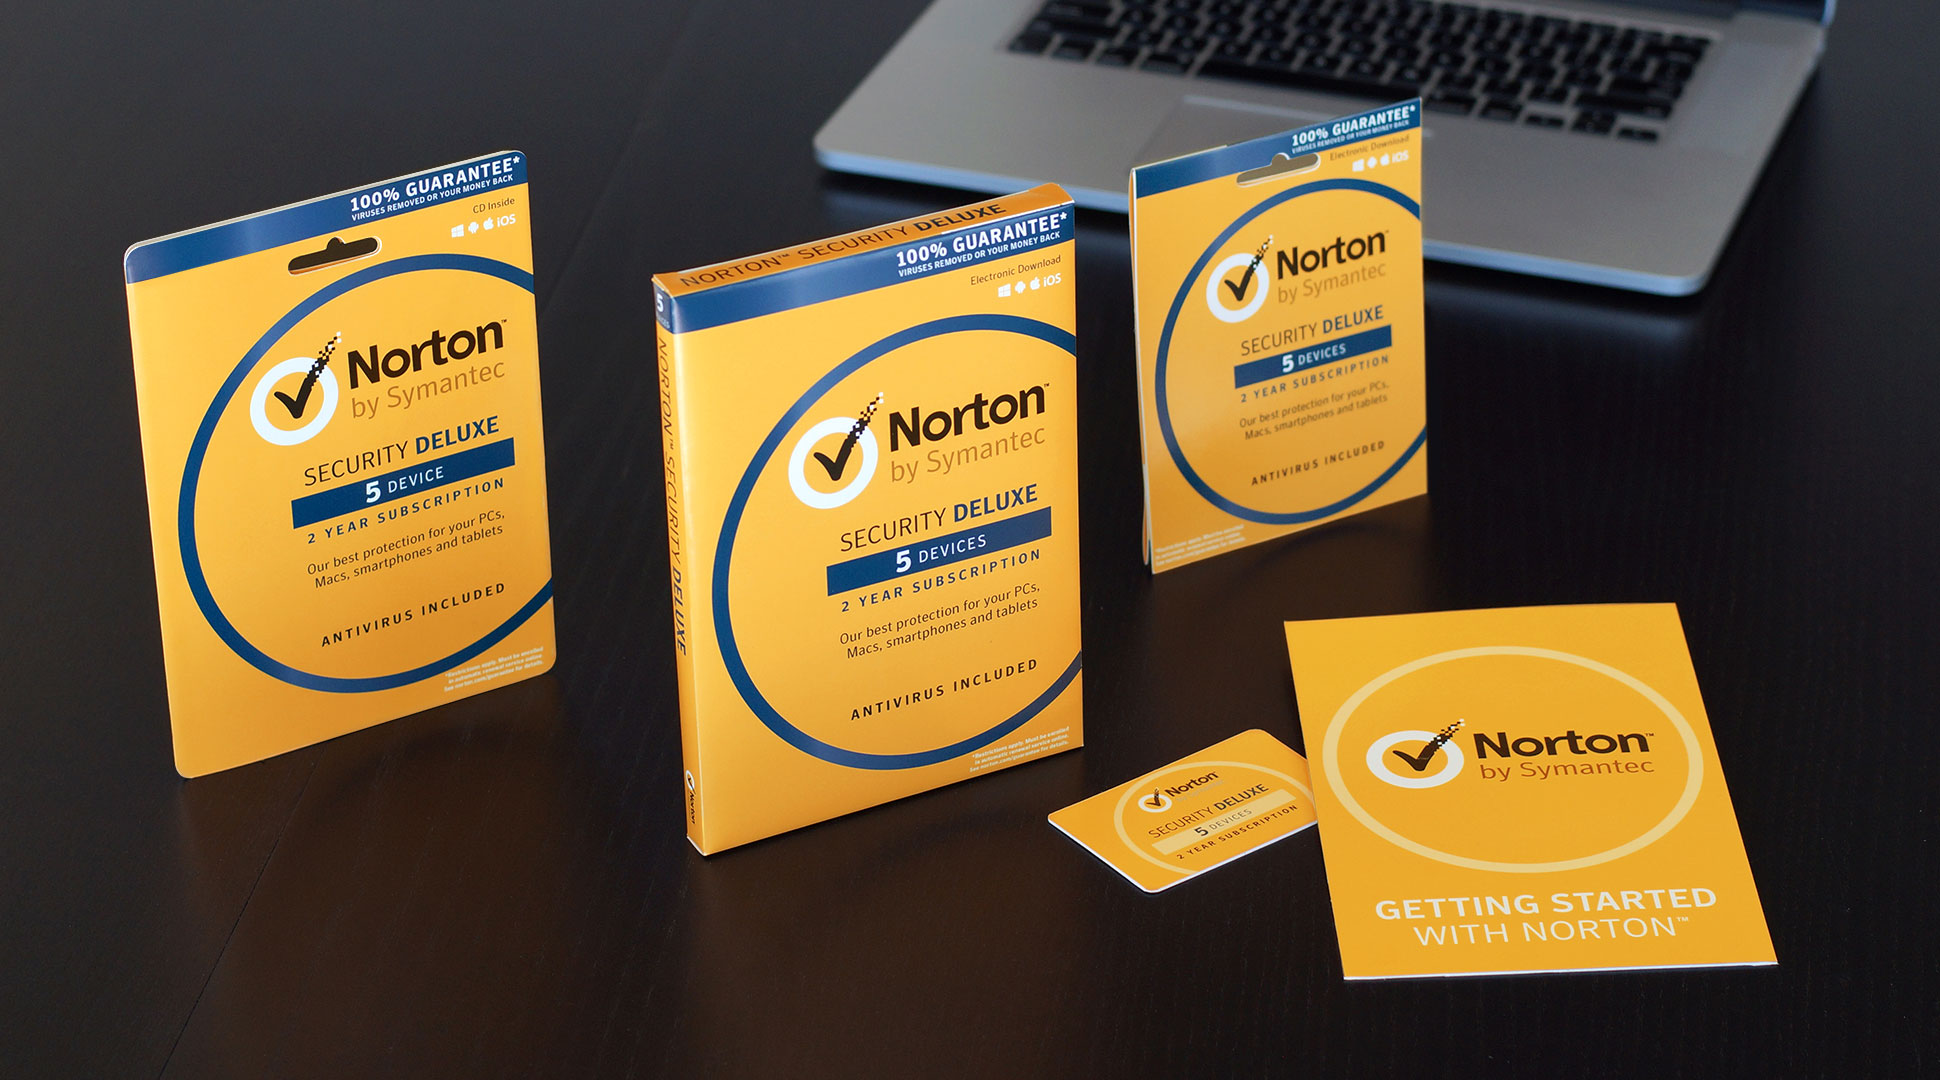 Norton_Carousel_2.jpg